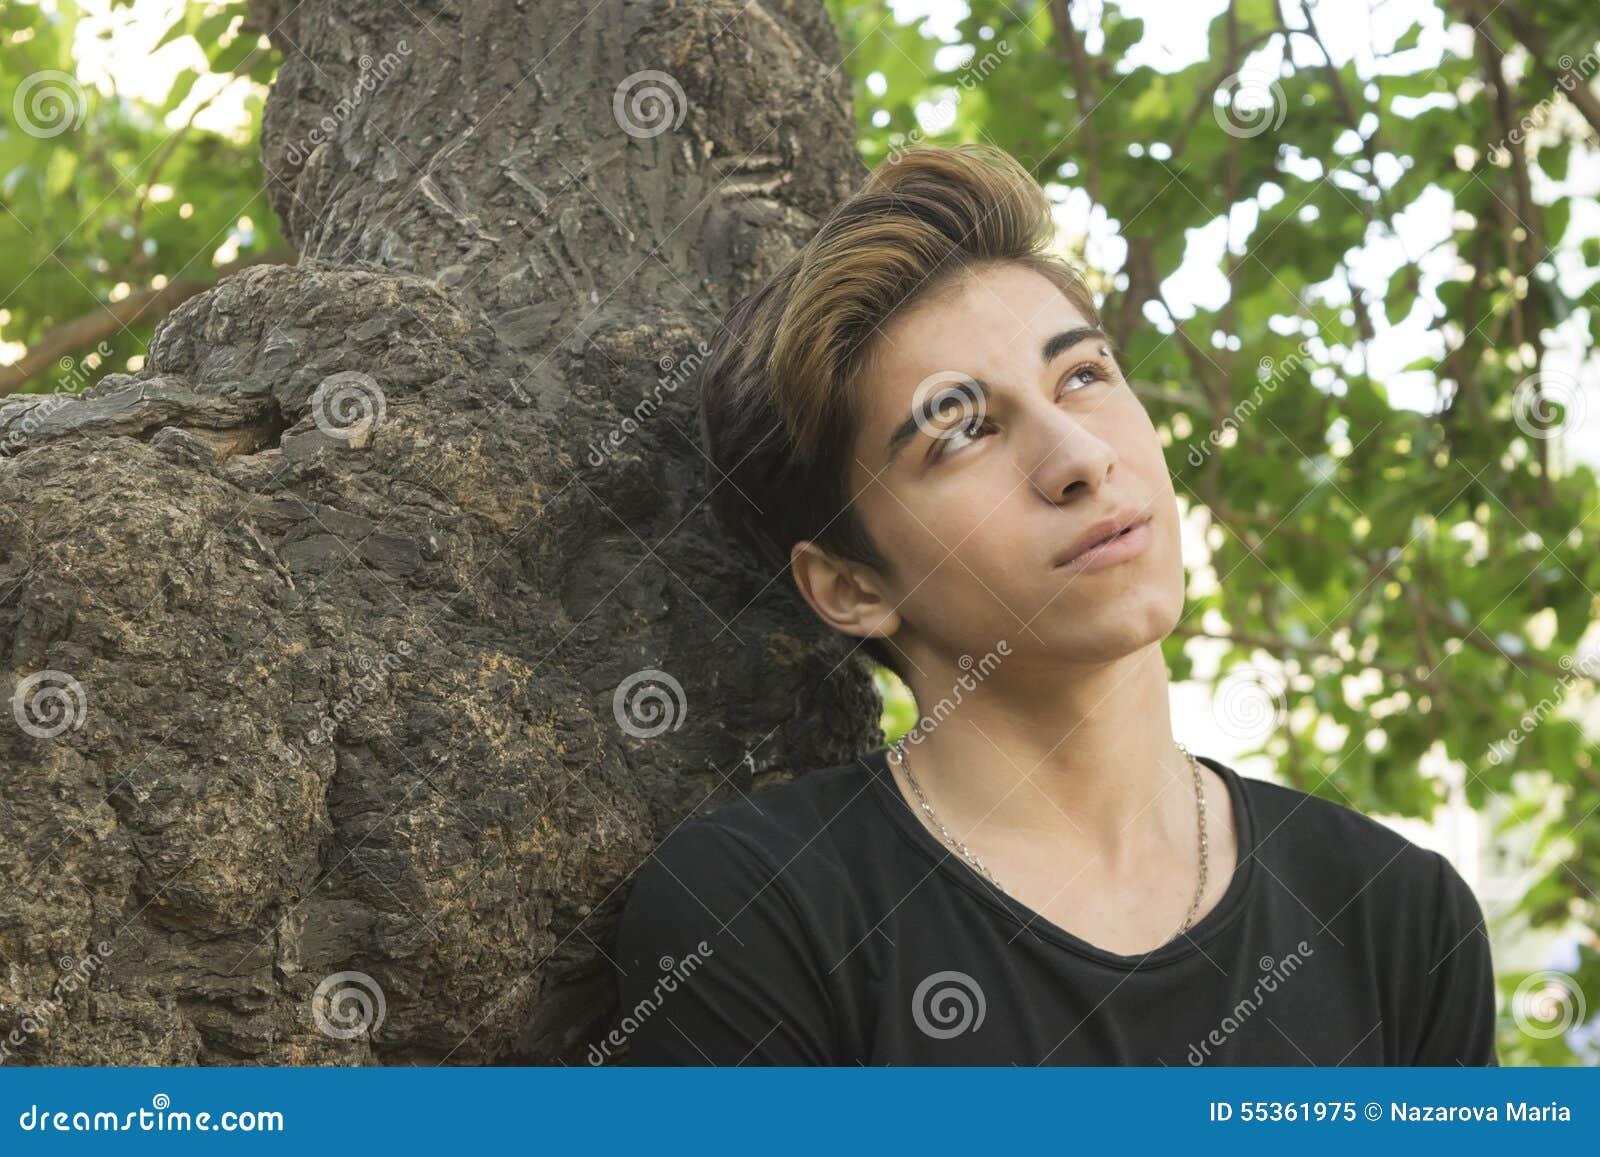 Teen Guy Stock Photo - Image: 55361975